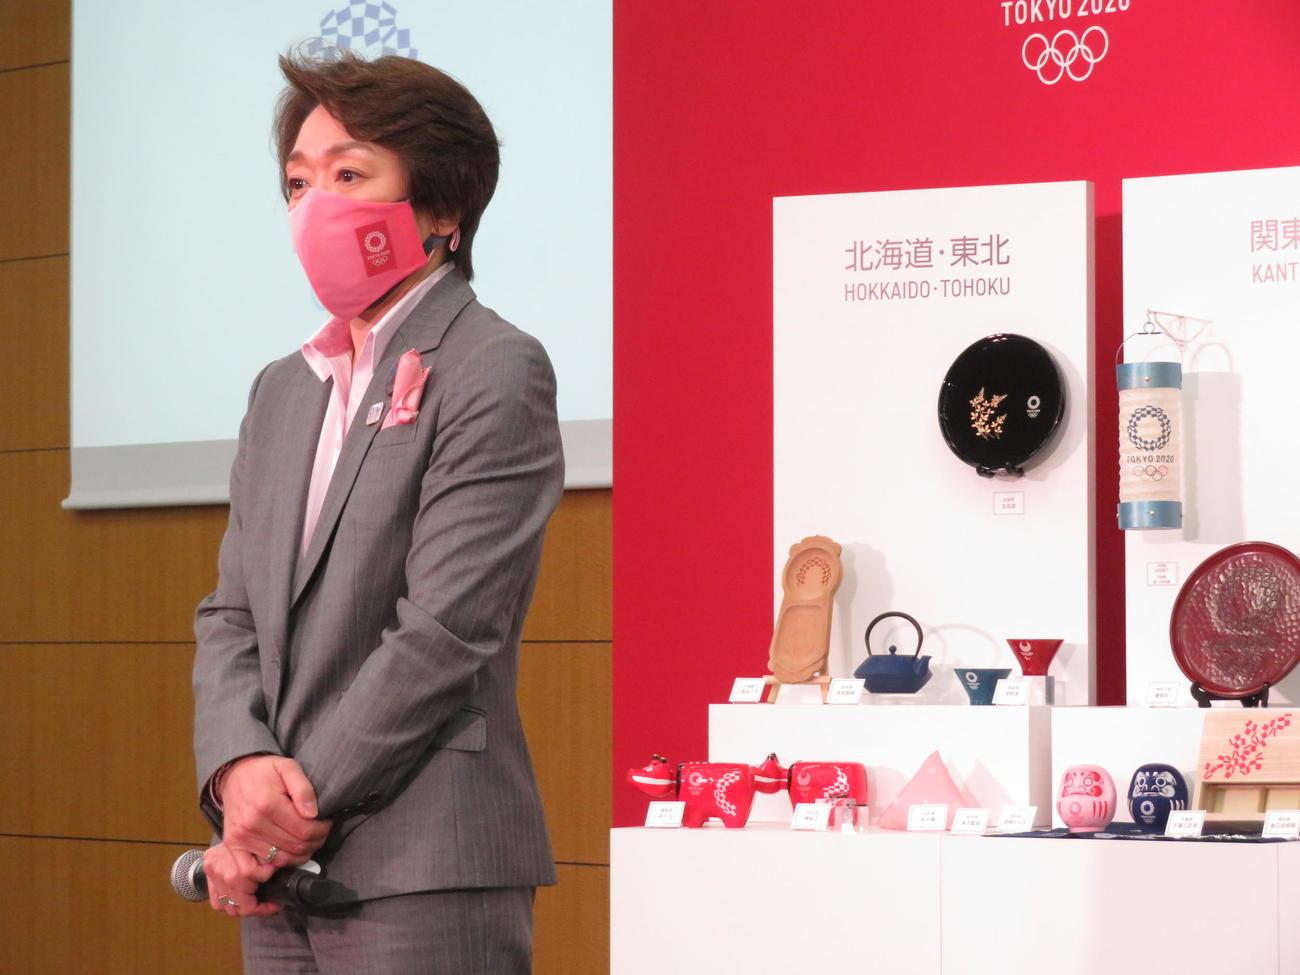 東京2020公式ライセンス商品「伝統工芸品コレクション」メディア発表会に出席した組織委員会の橋本聖子会長(撮影・近藤由美子)